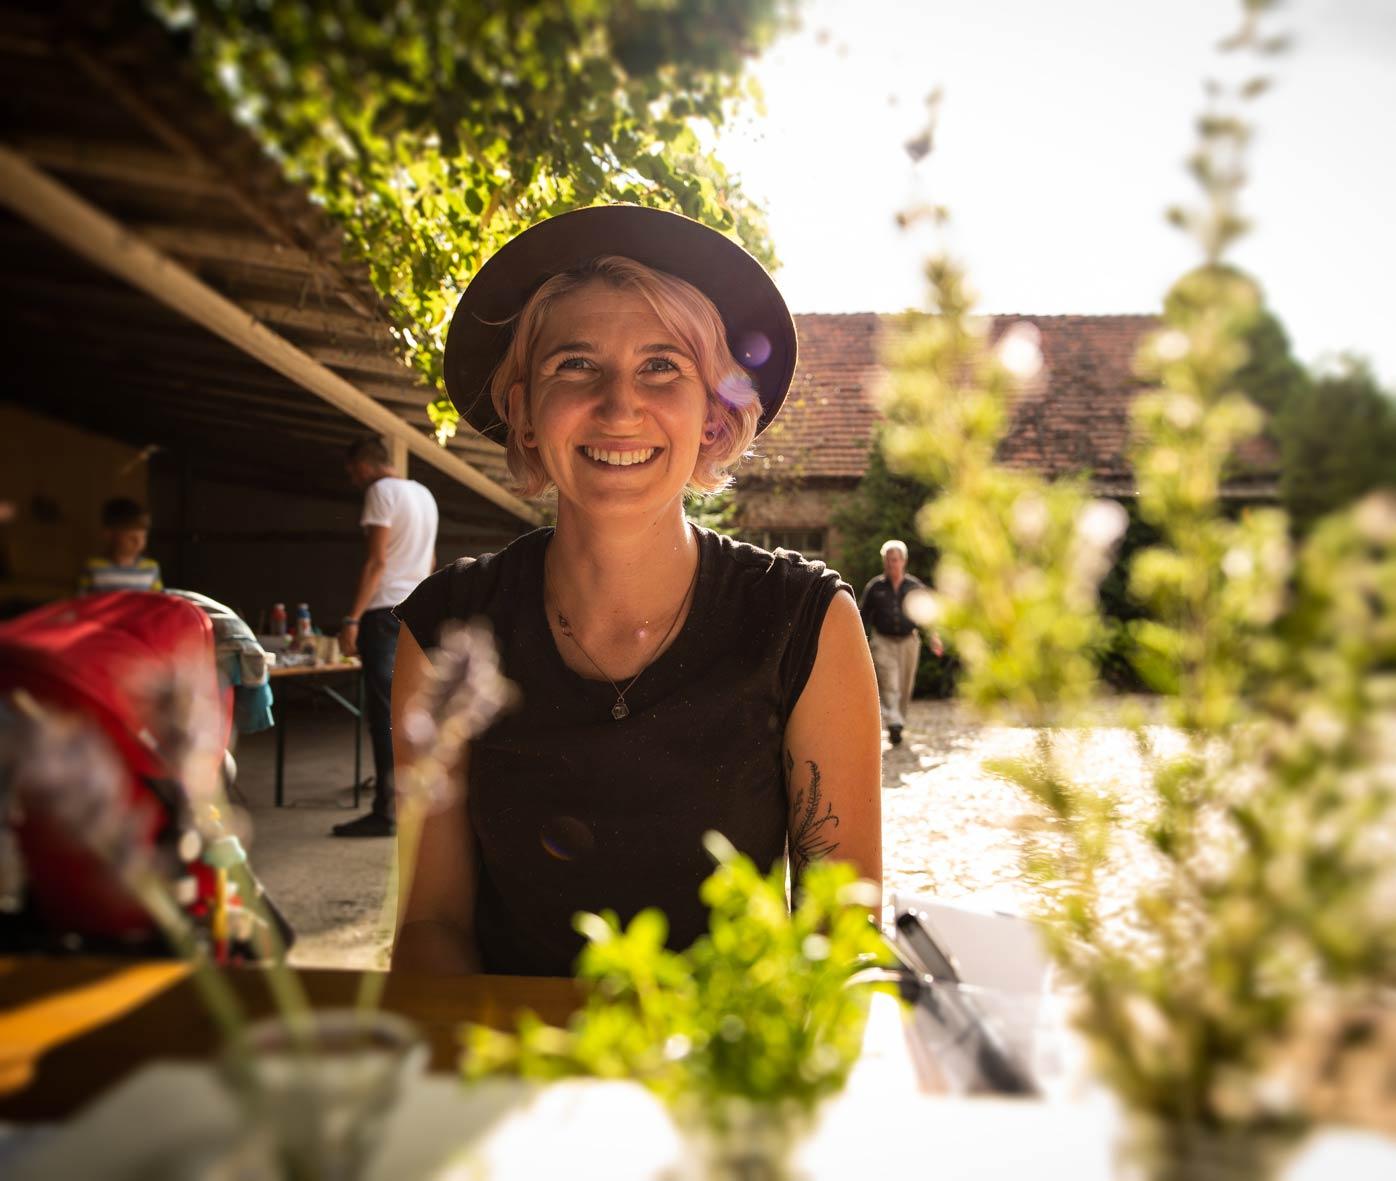 Herbal Hunter – Claudia Zesche, Kräuter- und Wildnispädagogin aus Potsdam. Erfahre mehr über die natürliche Vielfalt der essbaren Wildkräuter und Bäume! Foto by Uwe Balewski